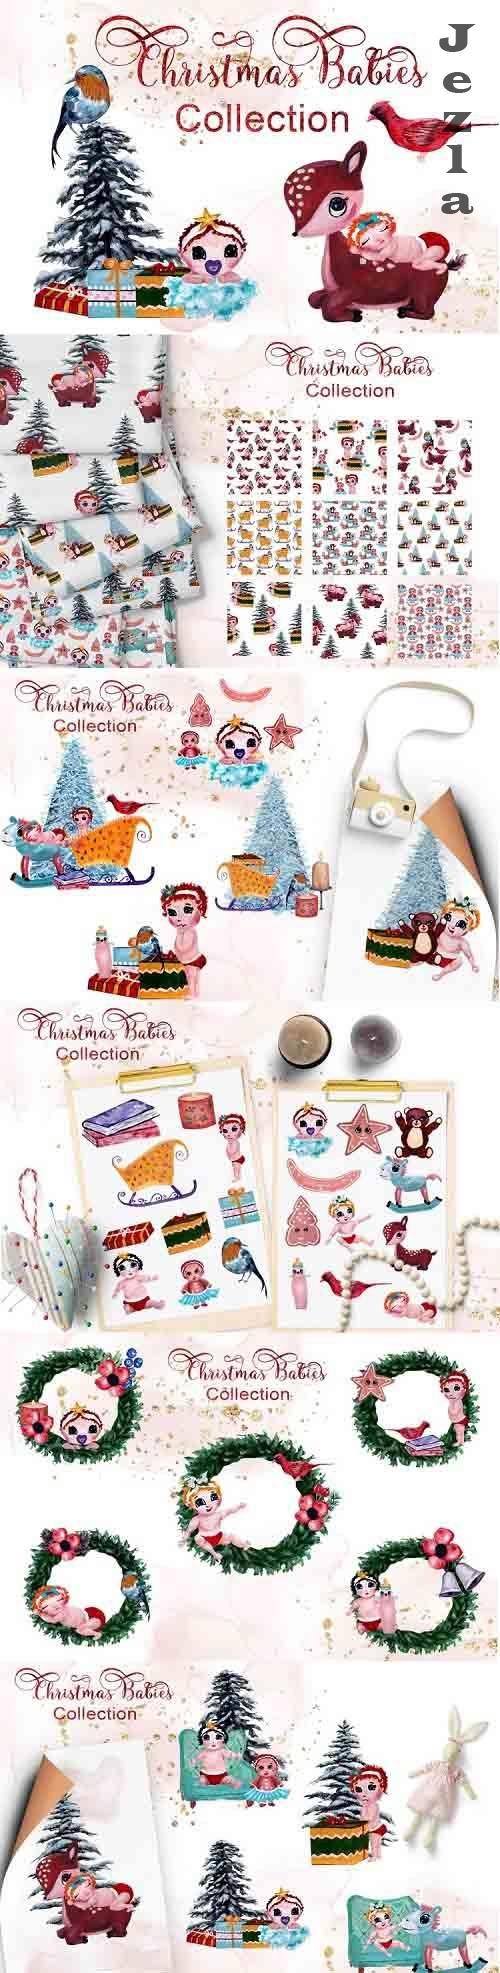 Christmas Babies Collection - 1055651